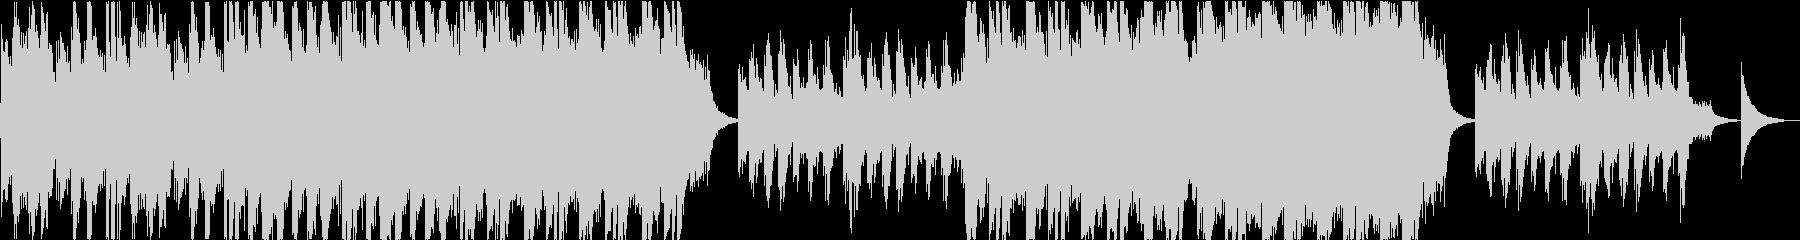 クラシック、シネマティック、ピアノの未再生の波形